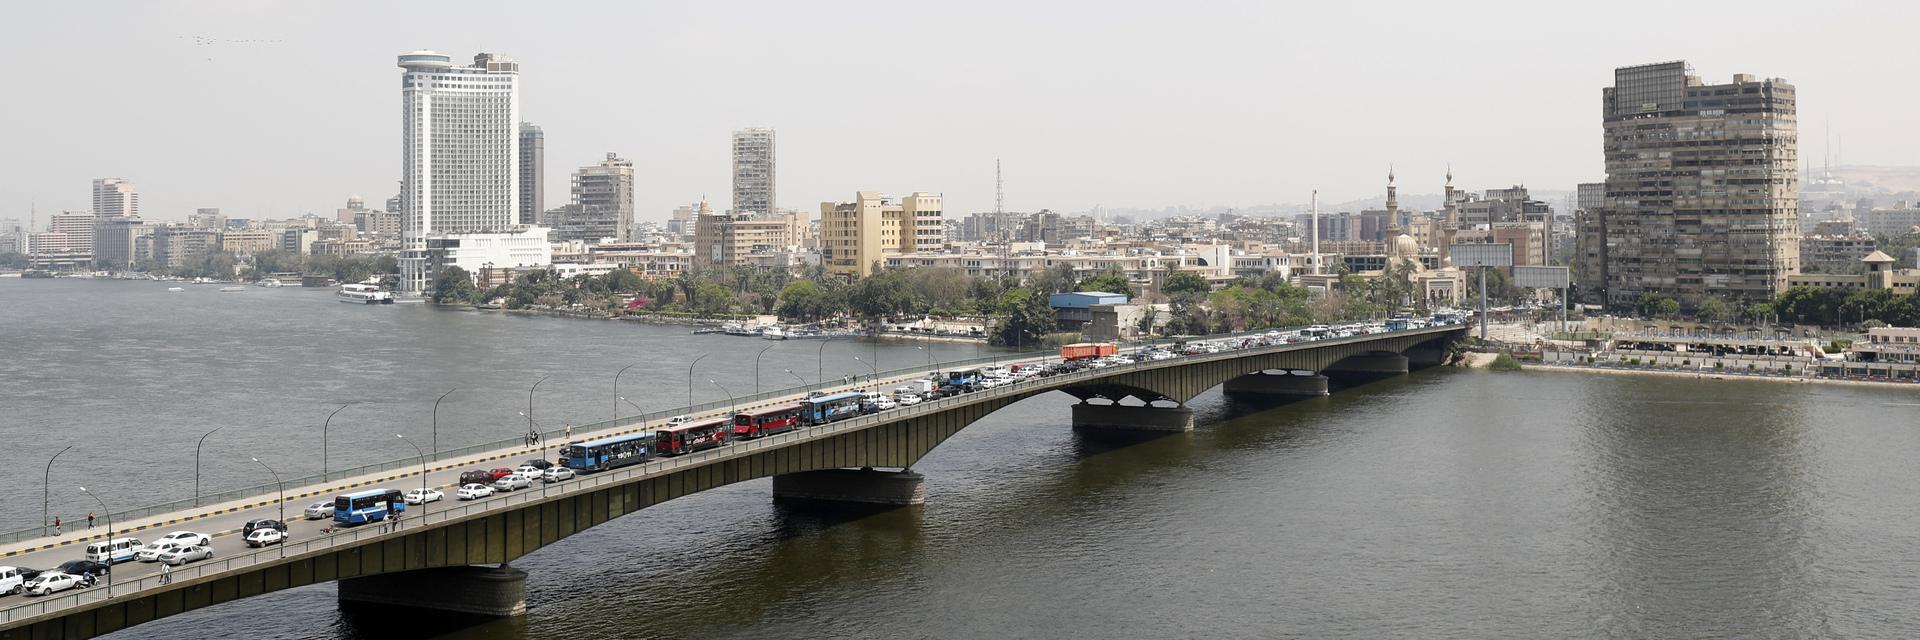 مصر.. امرأة تعيش بجوار قبر زوجها منذ وفاته: